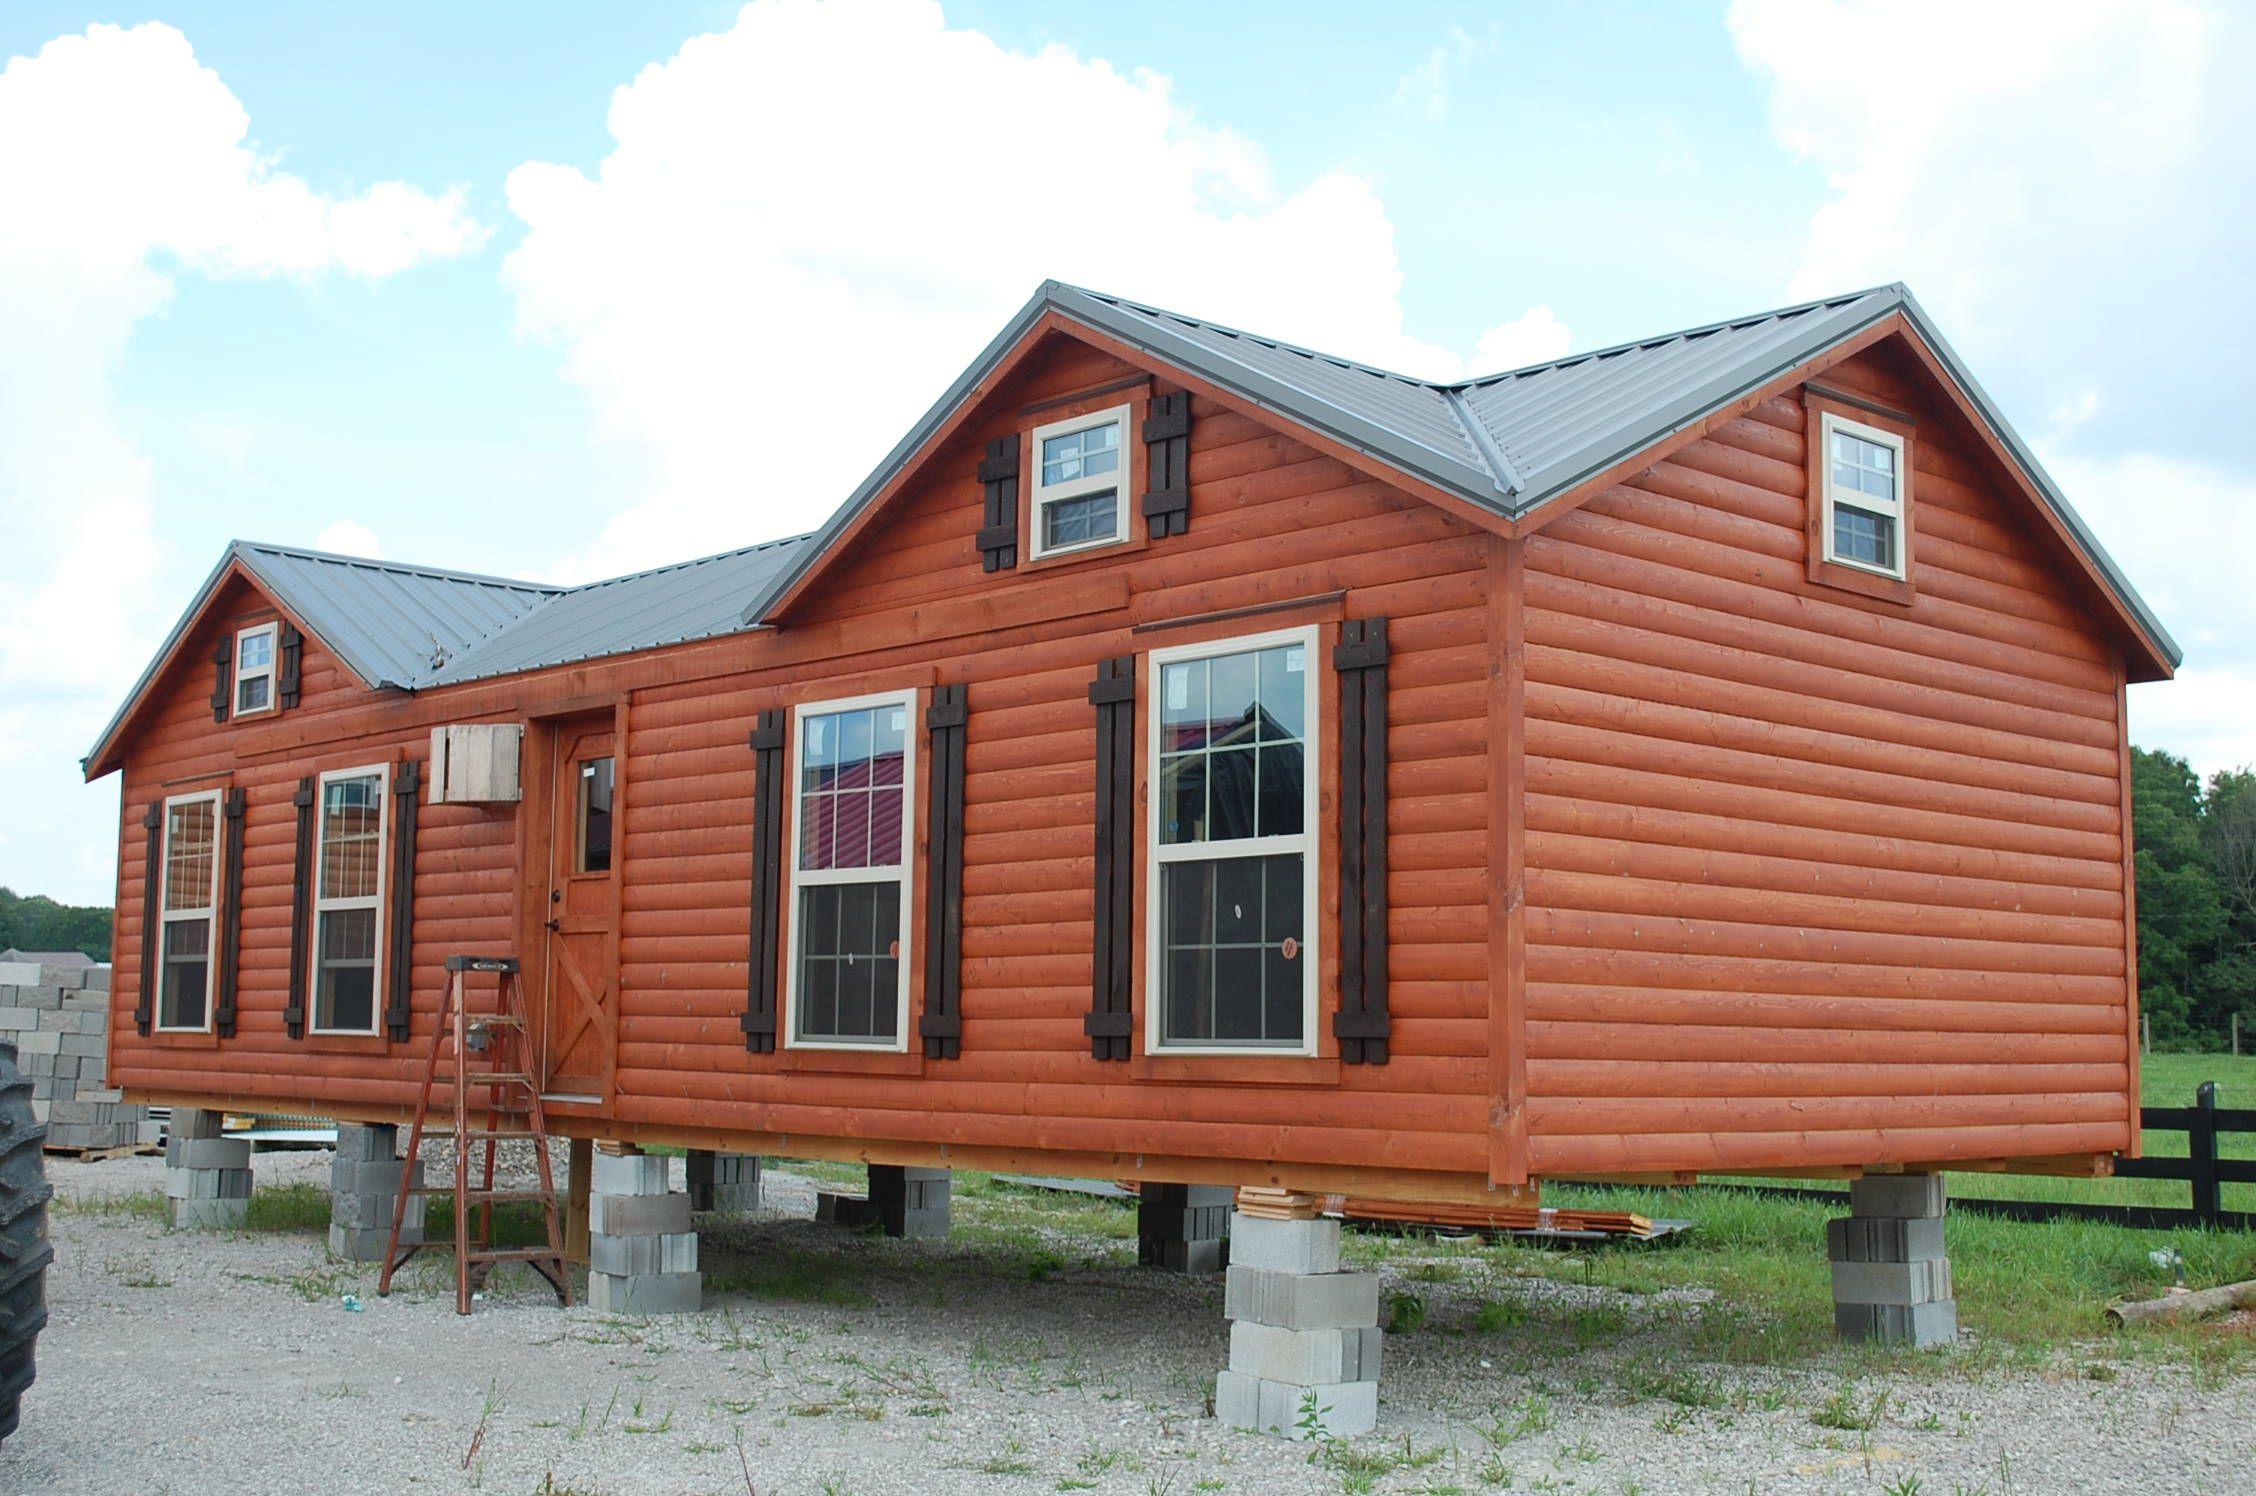 The Kentuckian cabin has the same beautiful double gables